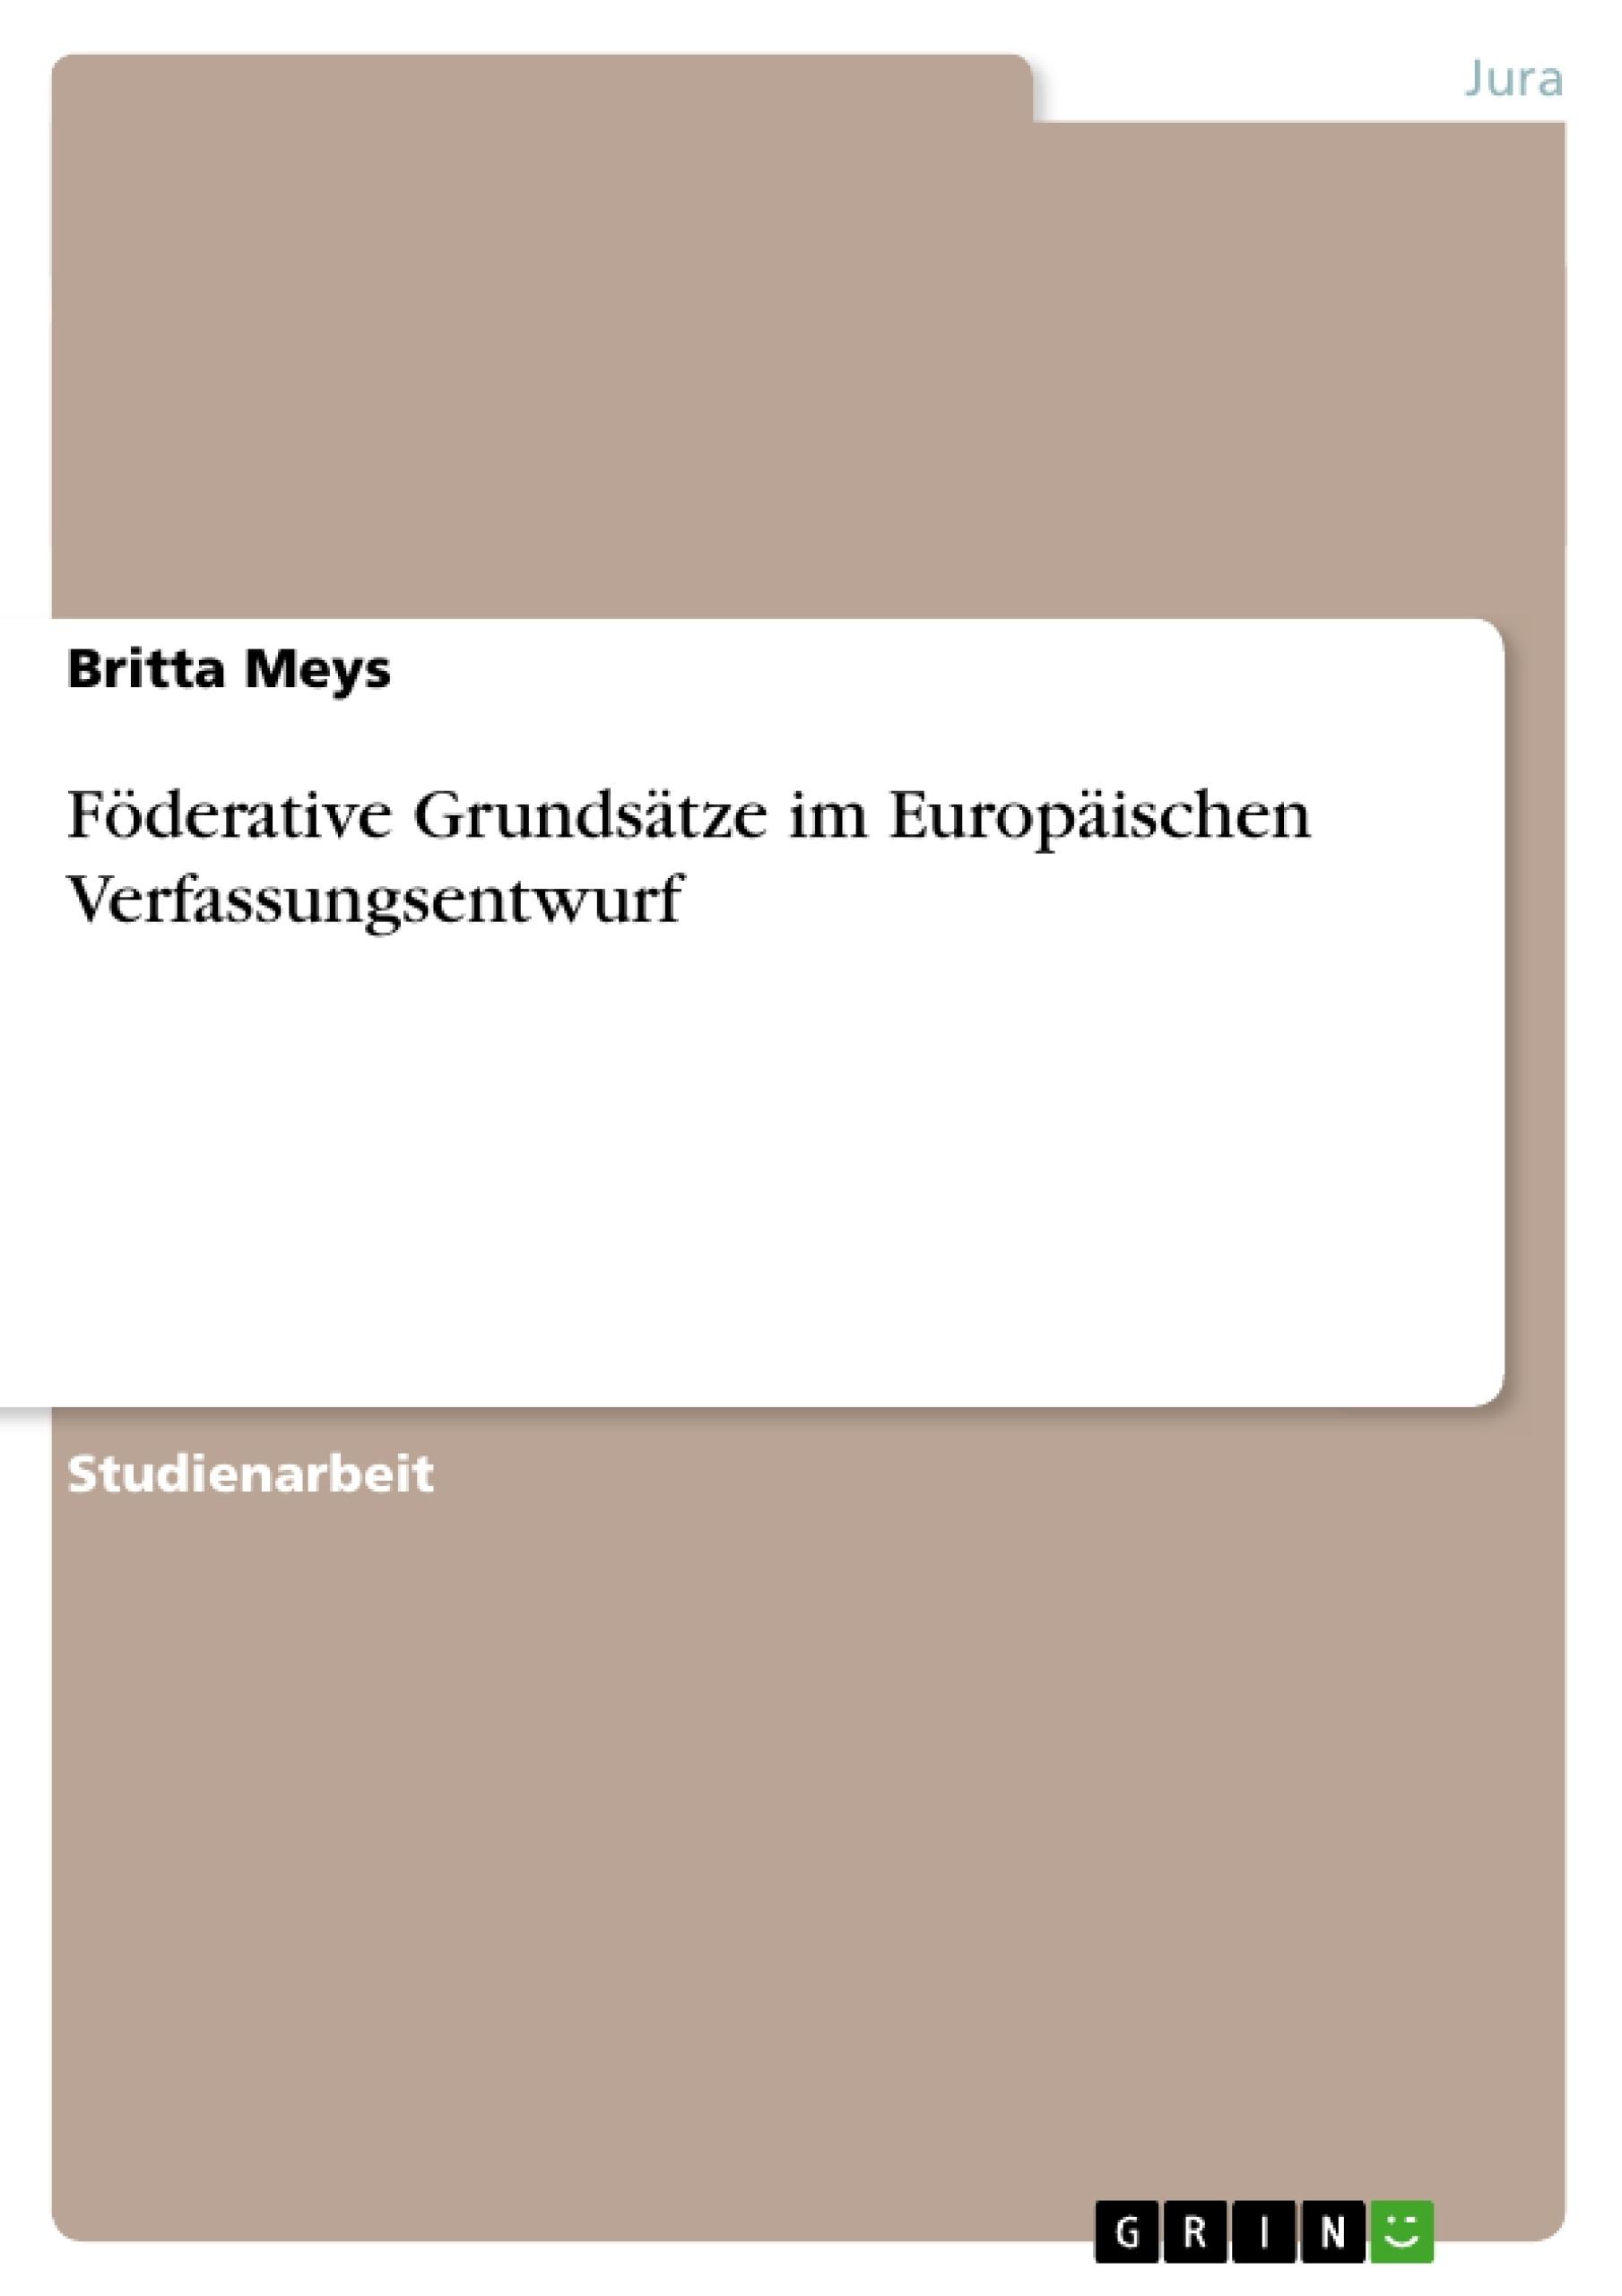 Titel: Föderative Grundsätze im Europäischen Verfassungsentwurf